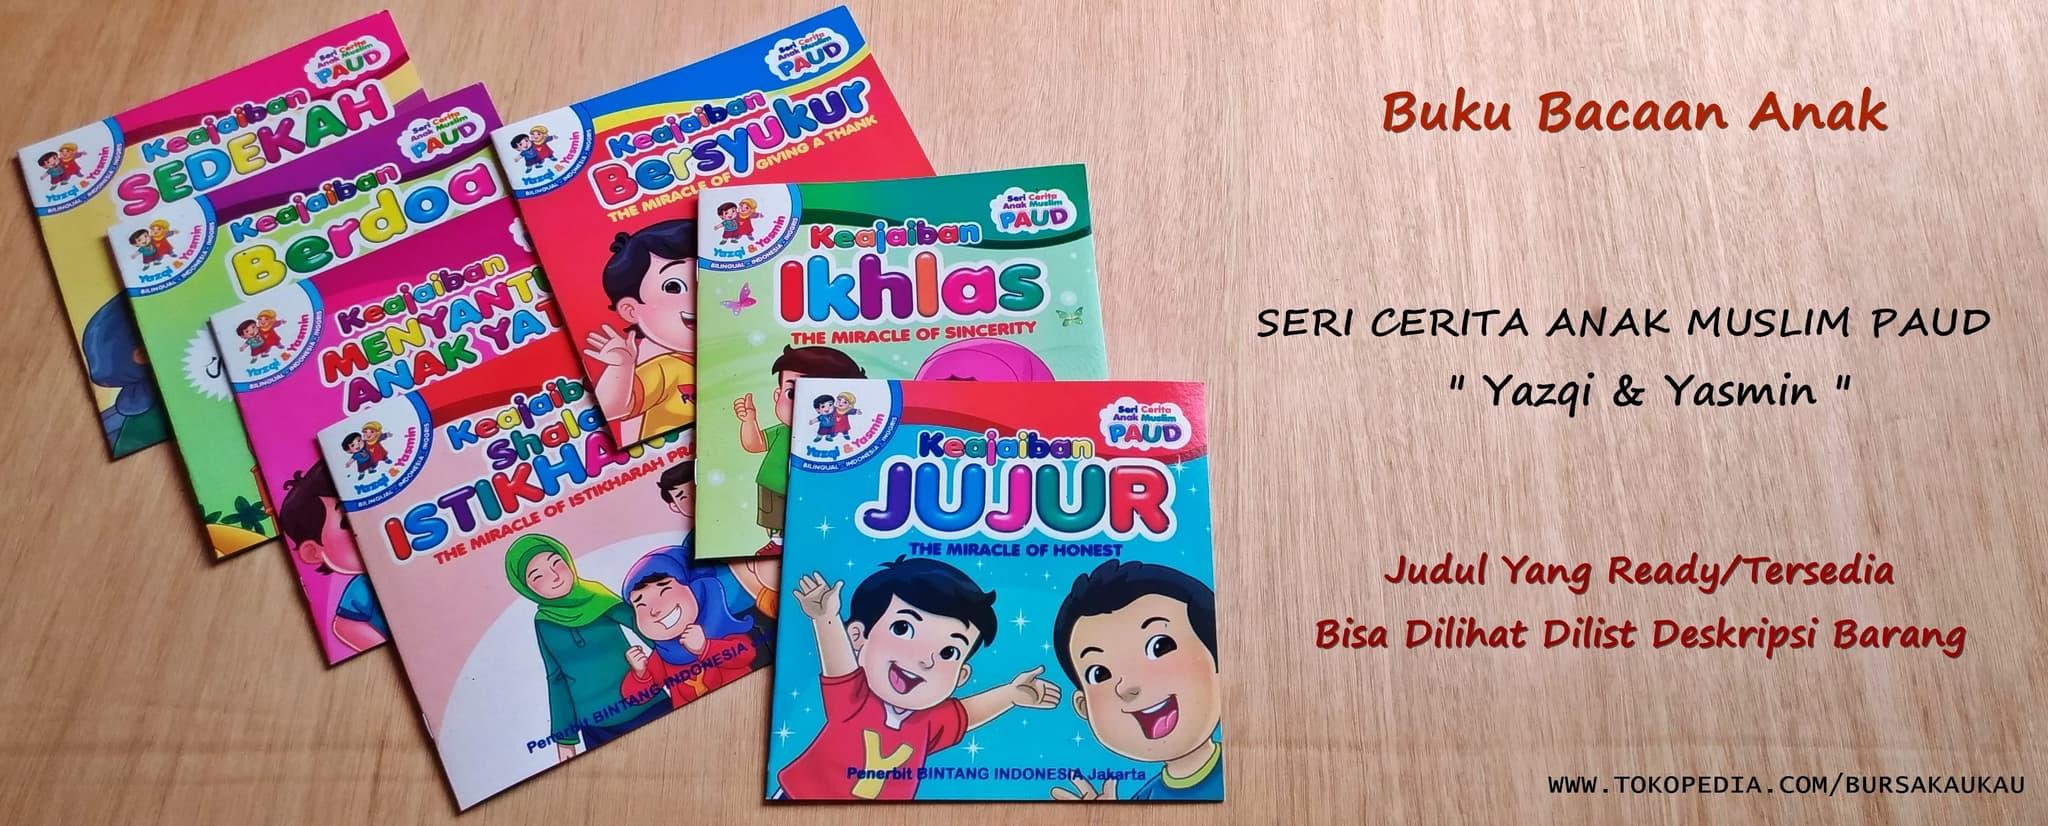 Jual Buku Cerita Dongeng Seri Cerita Anak Muslim Paud Yazqi